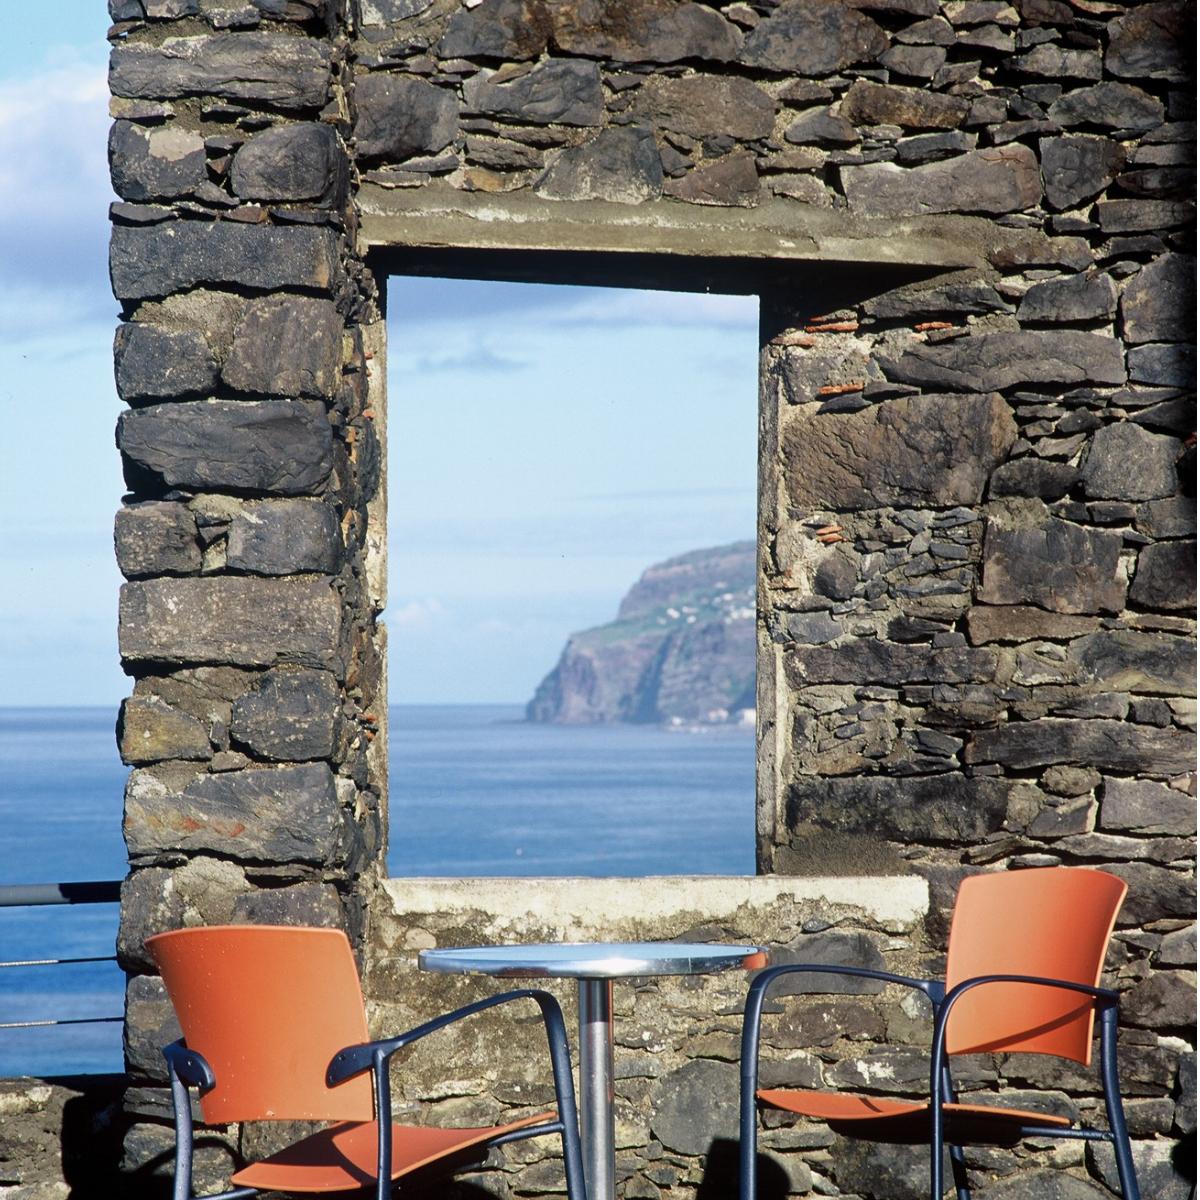 Ponta do sol auf Madeira (16)